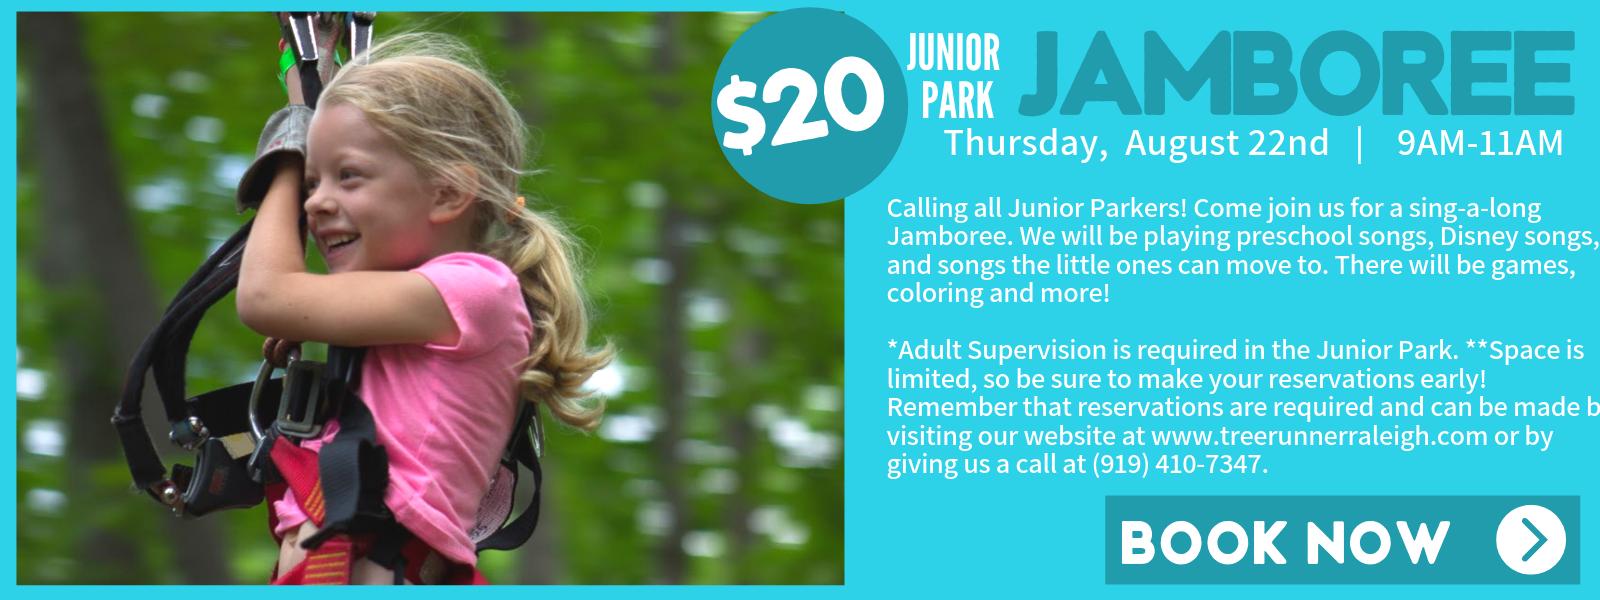 junior jamboree